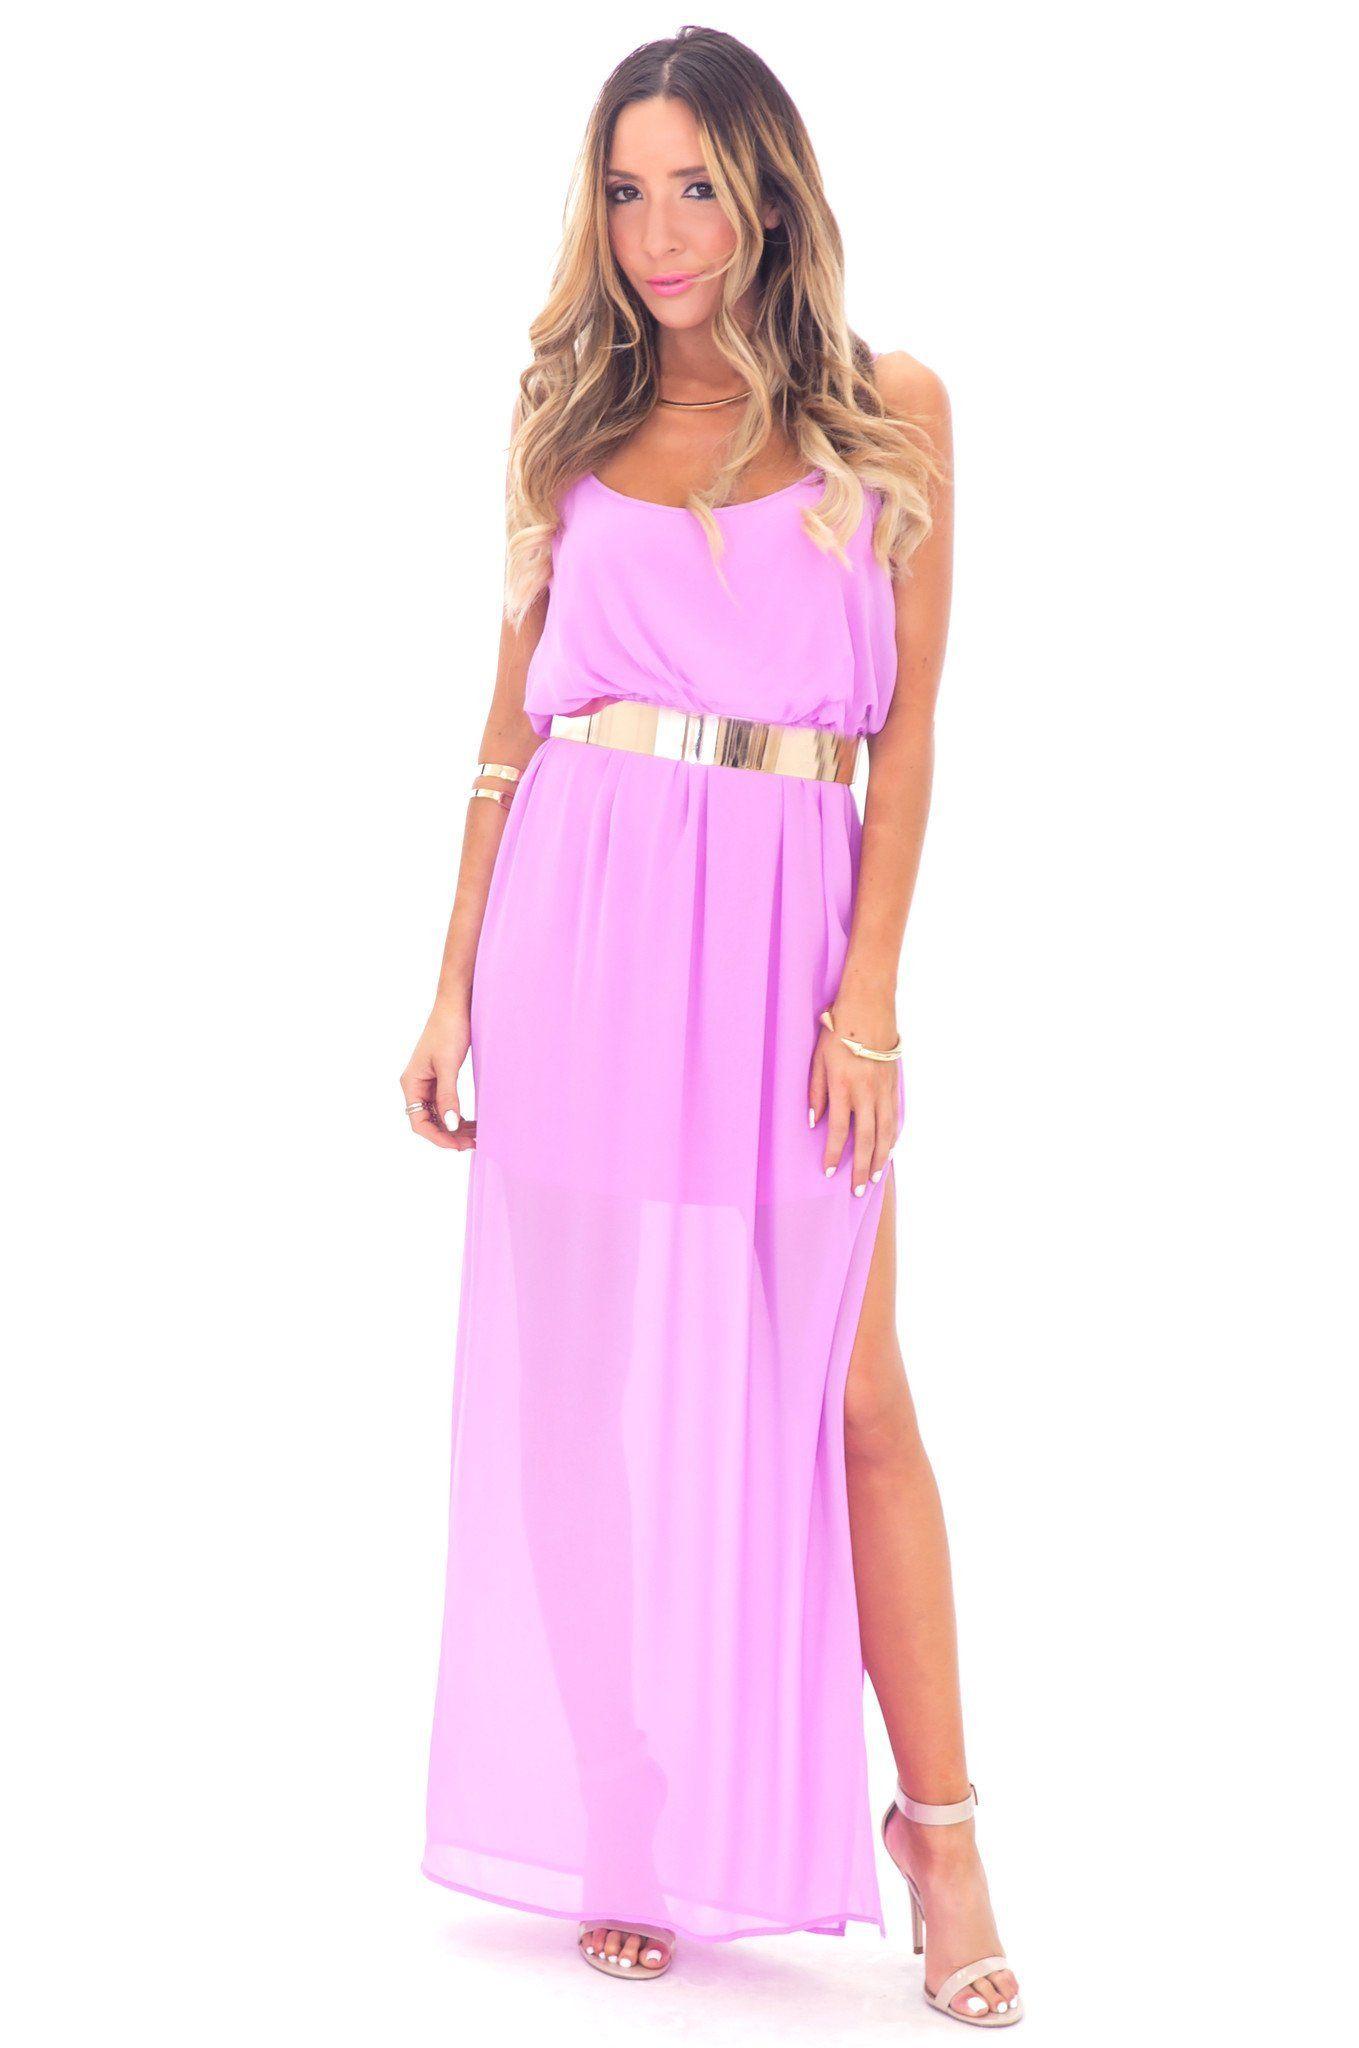 Asombroso Rubor Vestido De Cóctel De Color Rosa Colección - Ideas de ...